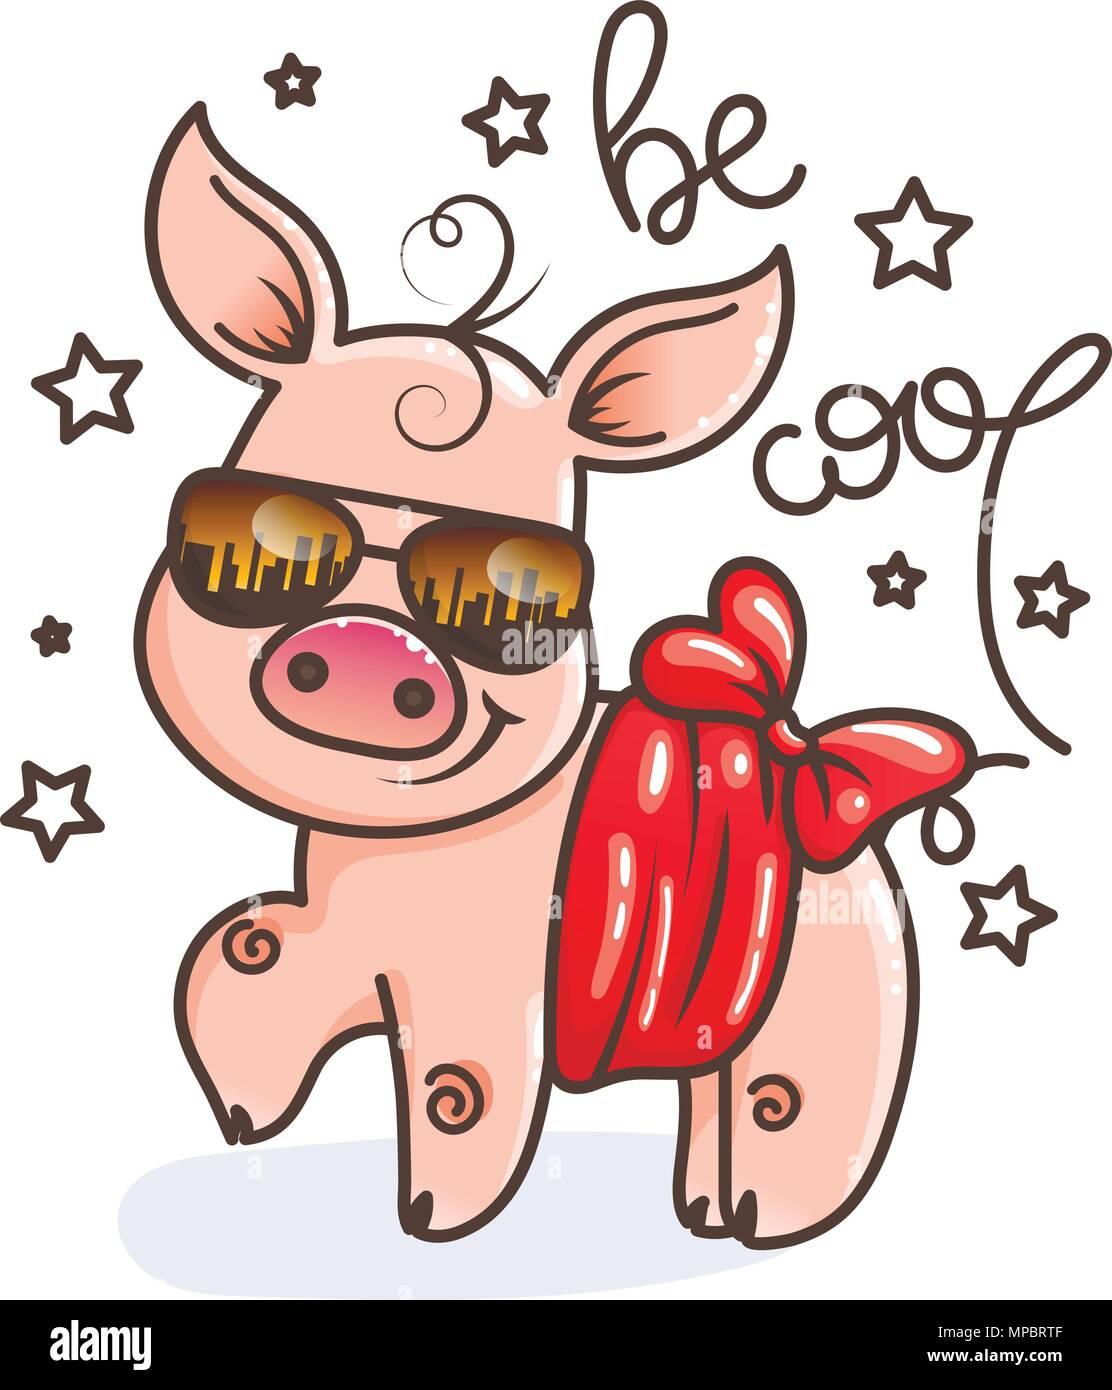 Cartoon Adorable Baby Pig Vector Illustration Imágenes De Stock ...